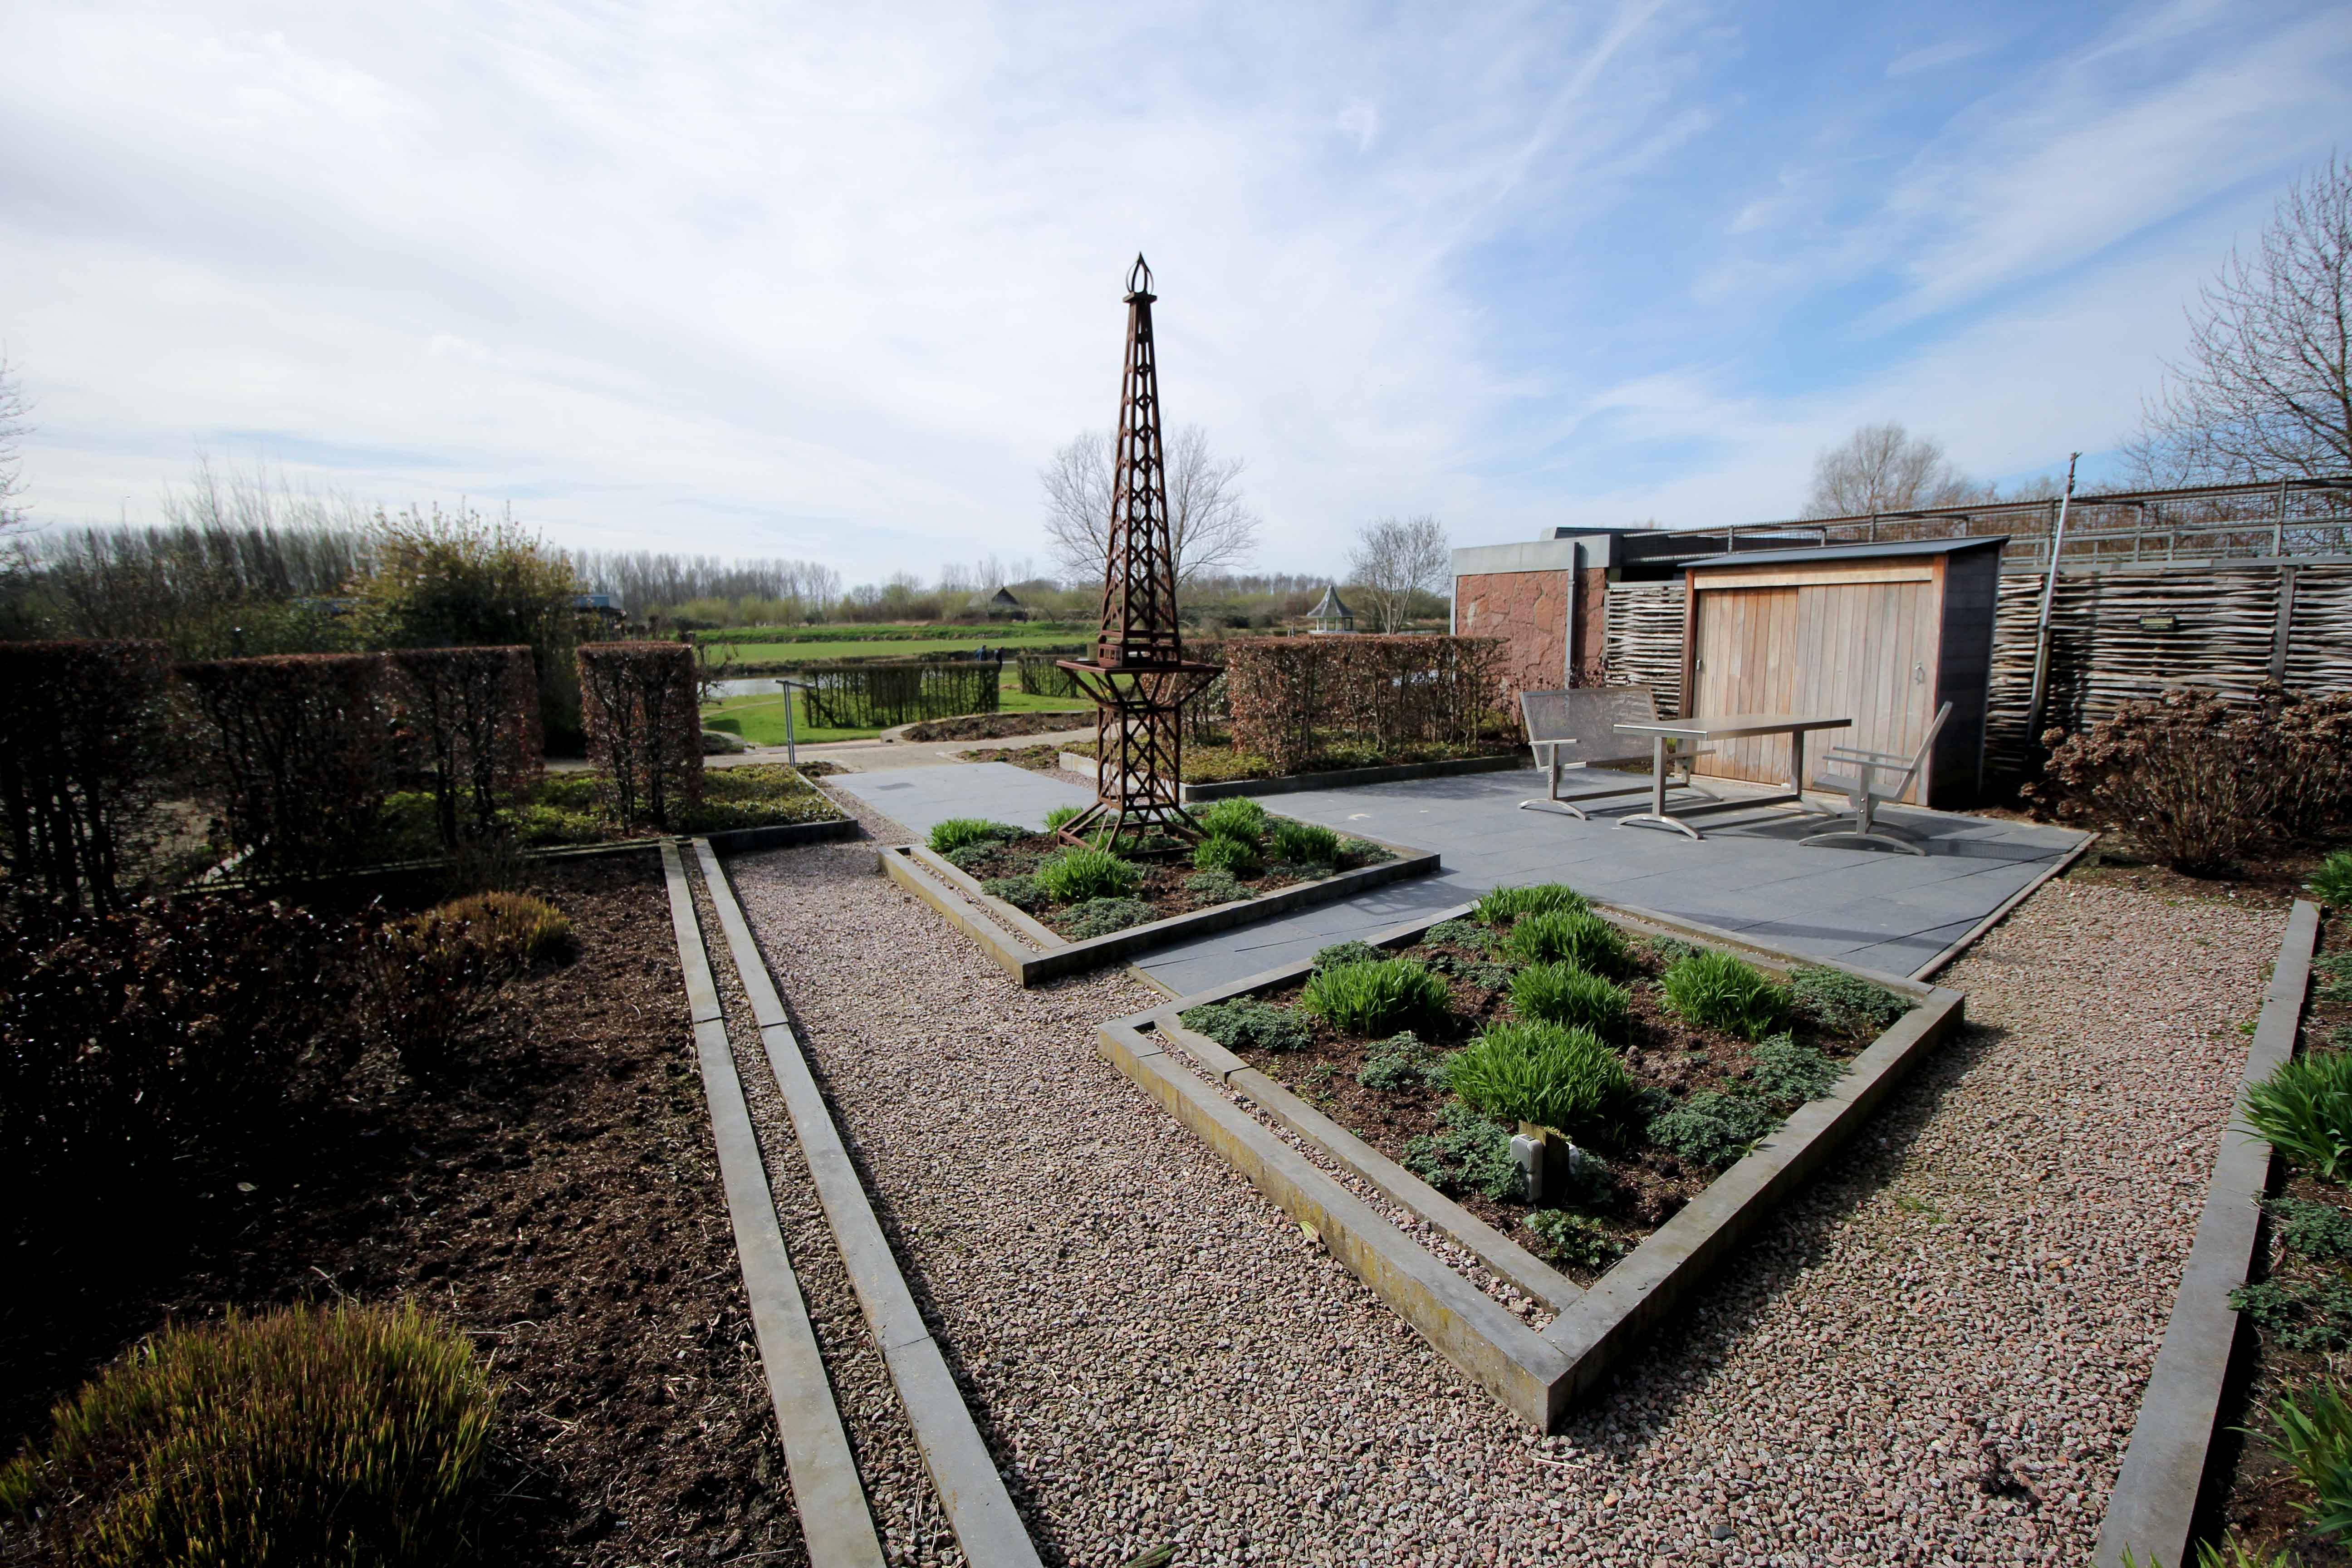 die Gärten von Appeltern Holland Wochenendtrip Tuinen van Appeltern das andere Holland Reiseblog Ausflug Deutschland 2